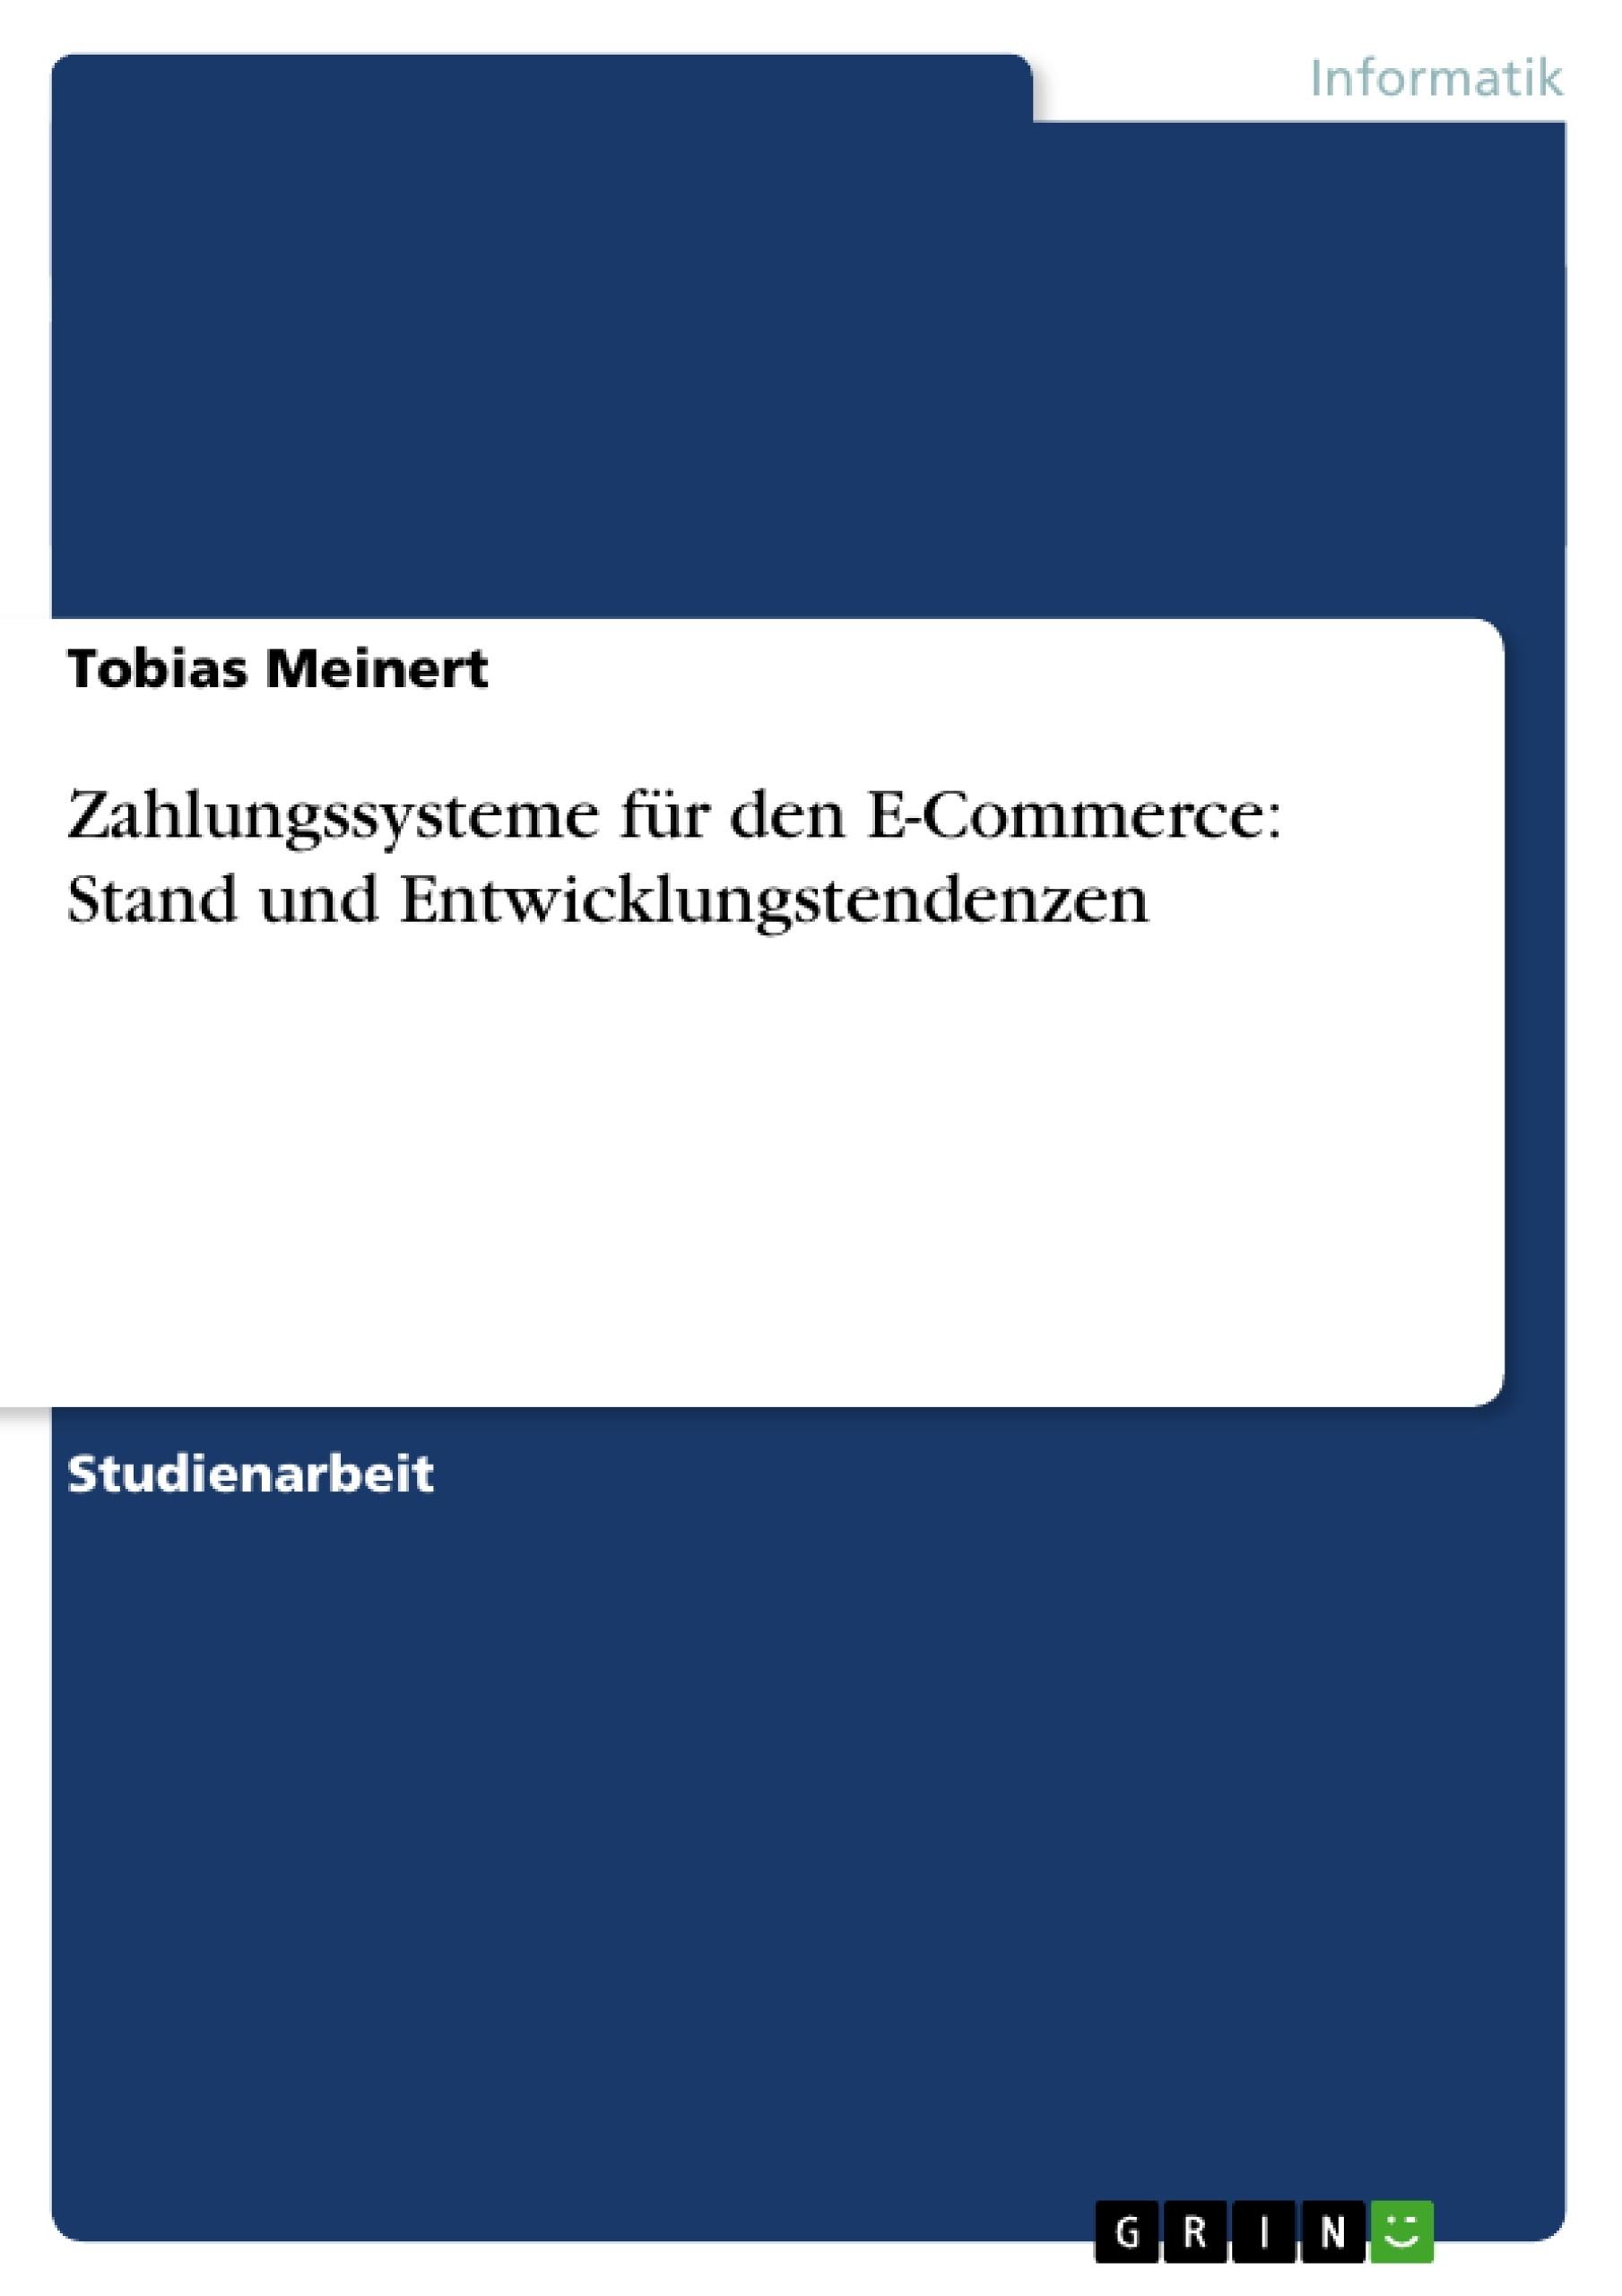 Titel: Zahlungssysteme für den E-Commerce: Stand und Entwicklungstendenzen